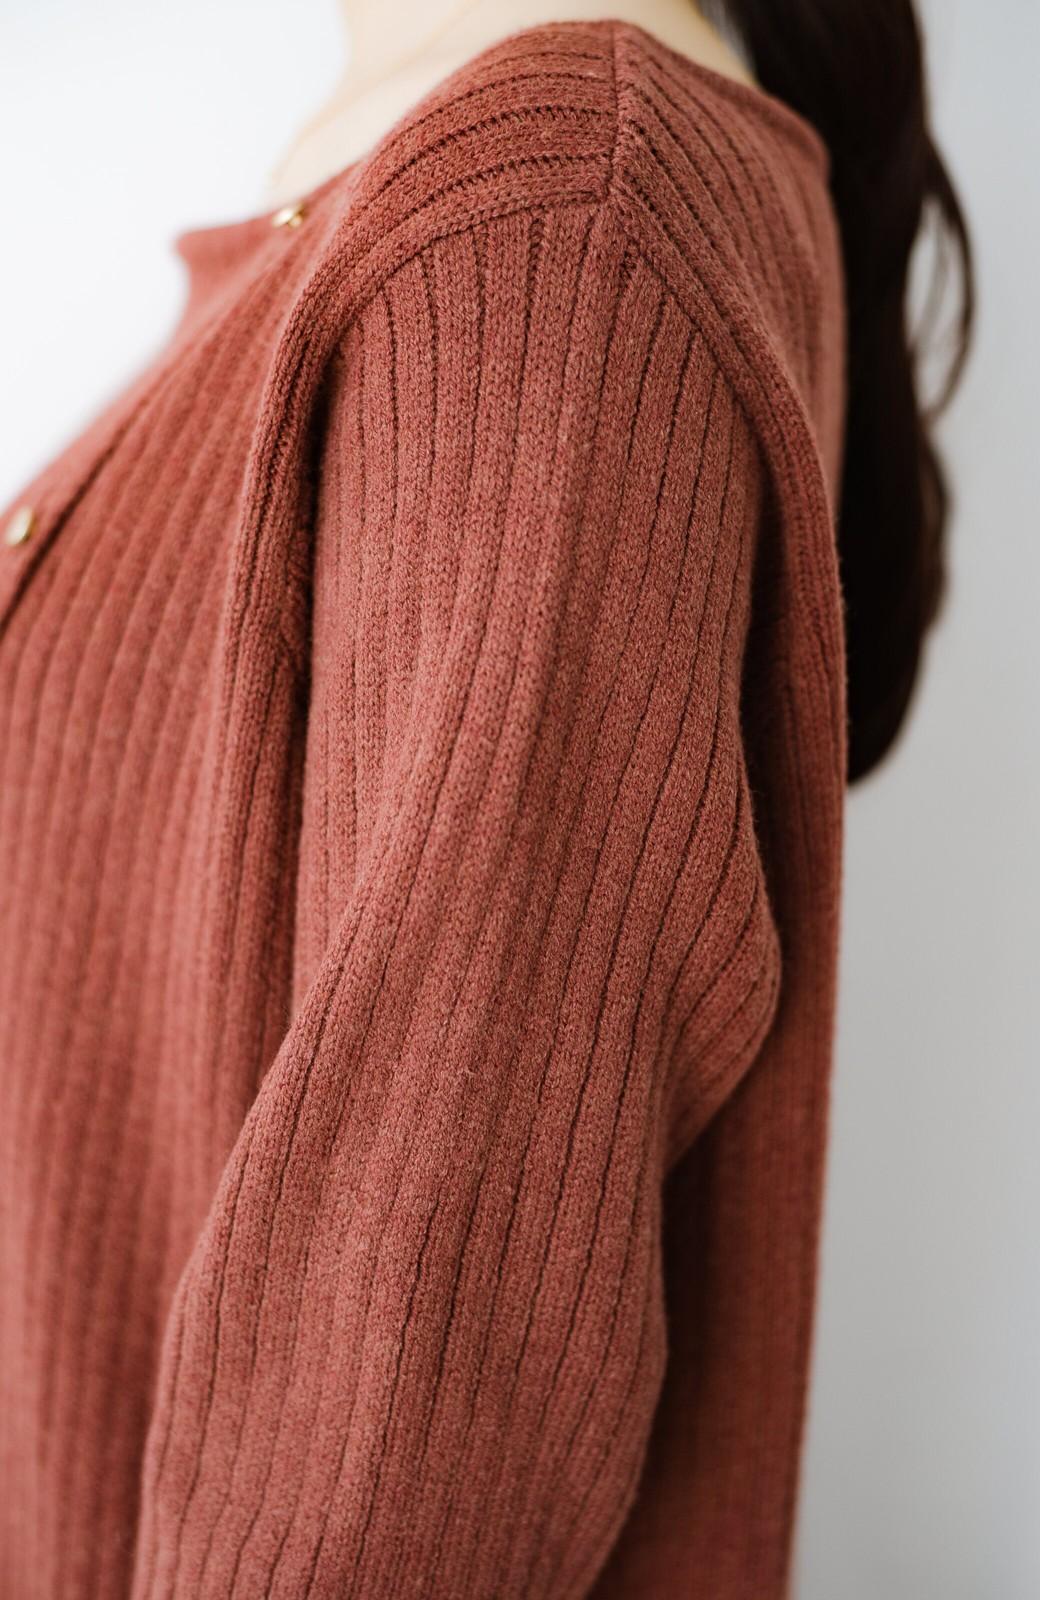 haco! 楽ちんにおめかし気分!重ね着にも便利なボタンがかわいいリブニットワンピース <ライトブラウン>の商品写真17